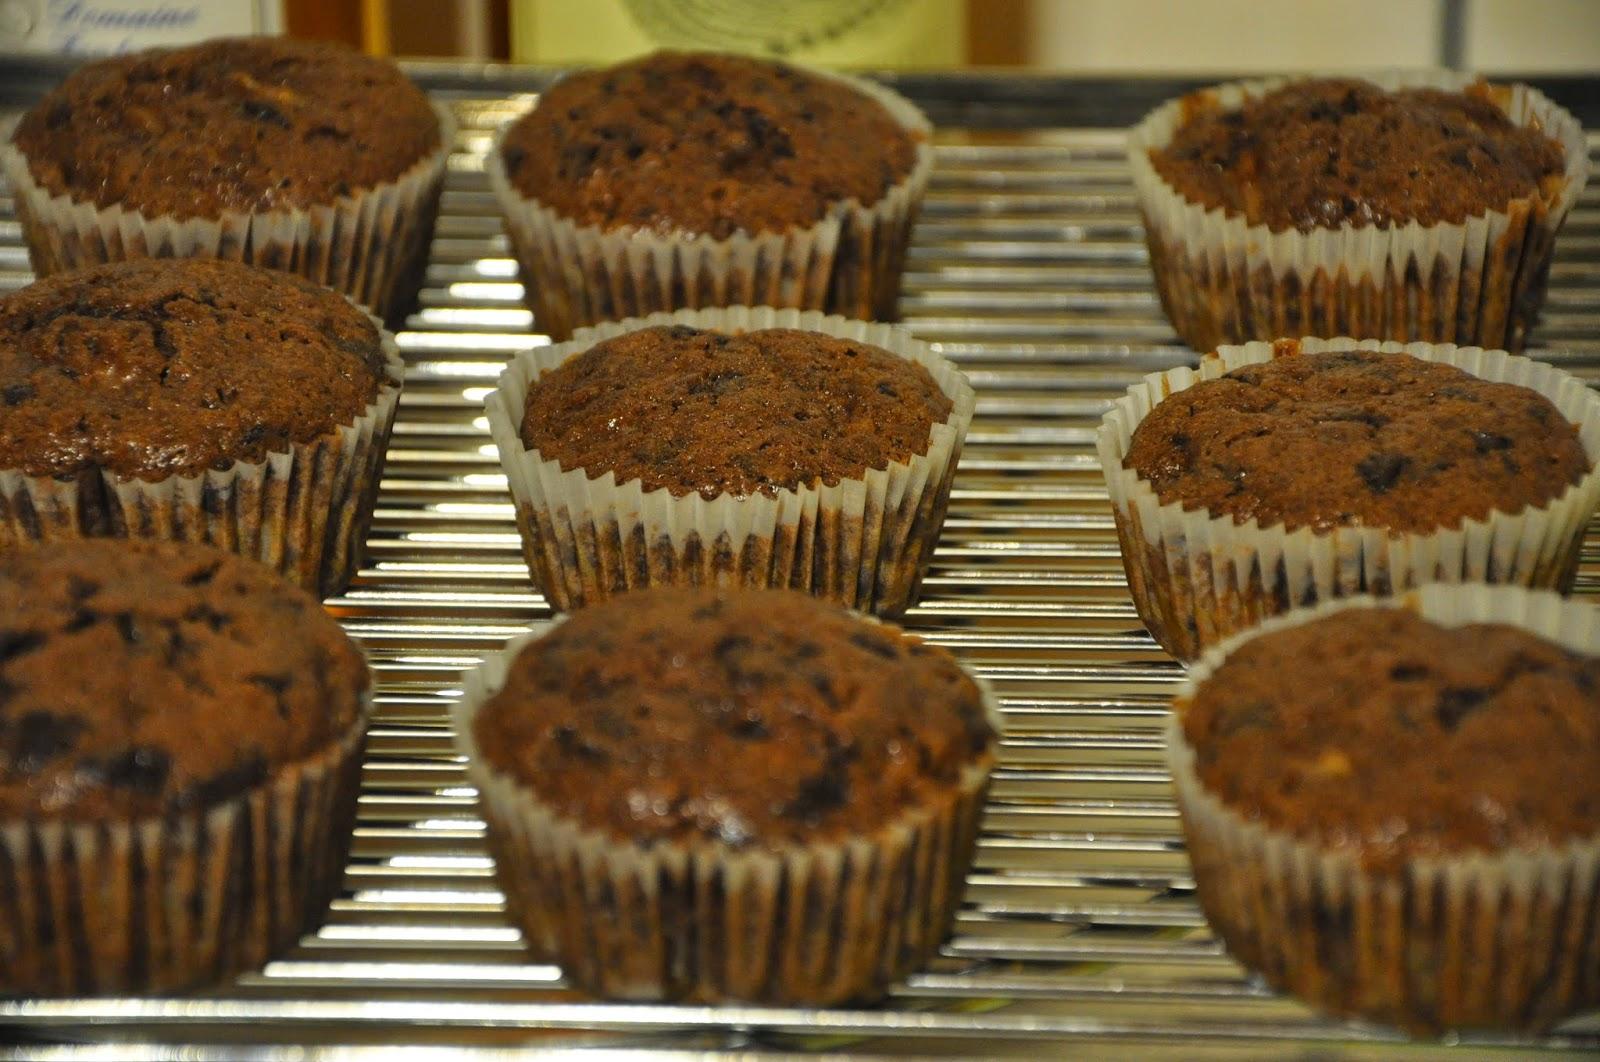 Spannenlanger Hansel, nudeldicke Dirn' - Leckere Birnenverwertung | Schoko-Birnen-Kuchen als Muffins